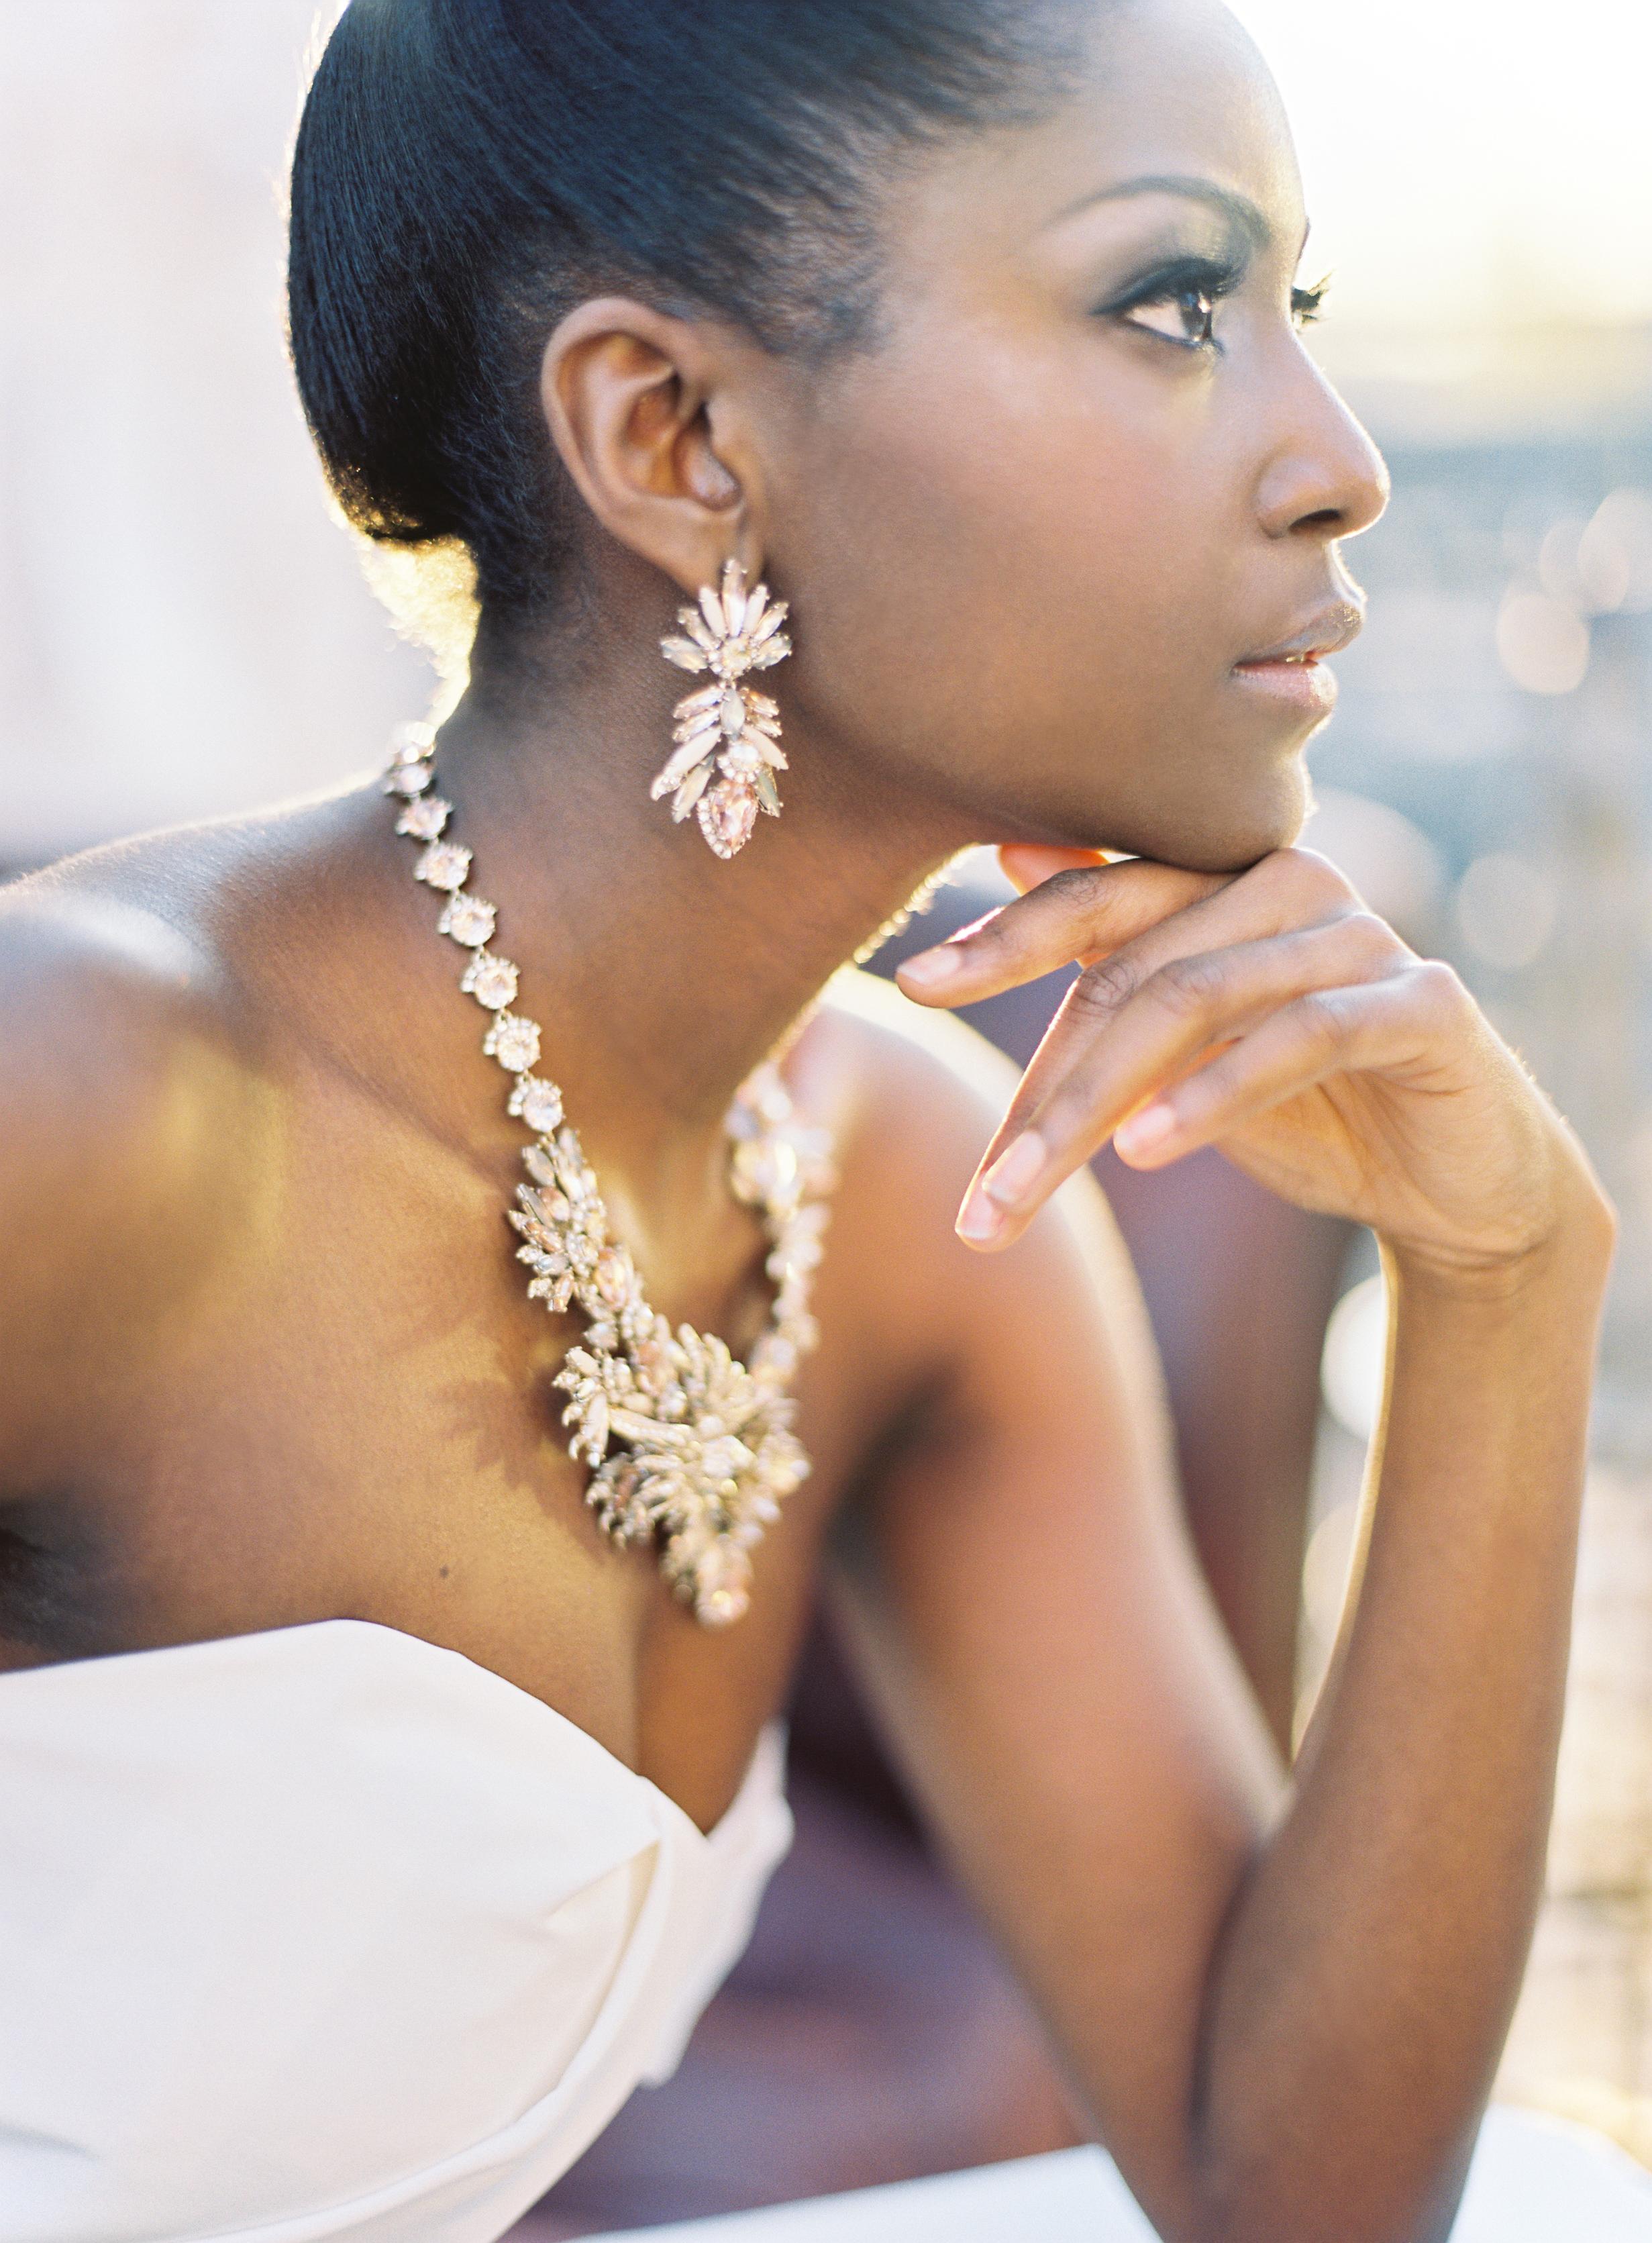 Coohills-Denver-wedding-venue-Lisa-O'Dwyer-photographer-Banks-and-Leaf-planner-JMendel-dress-86.jpg